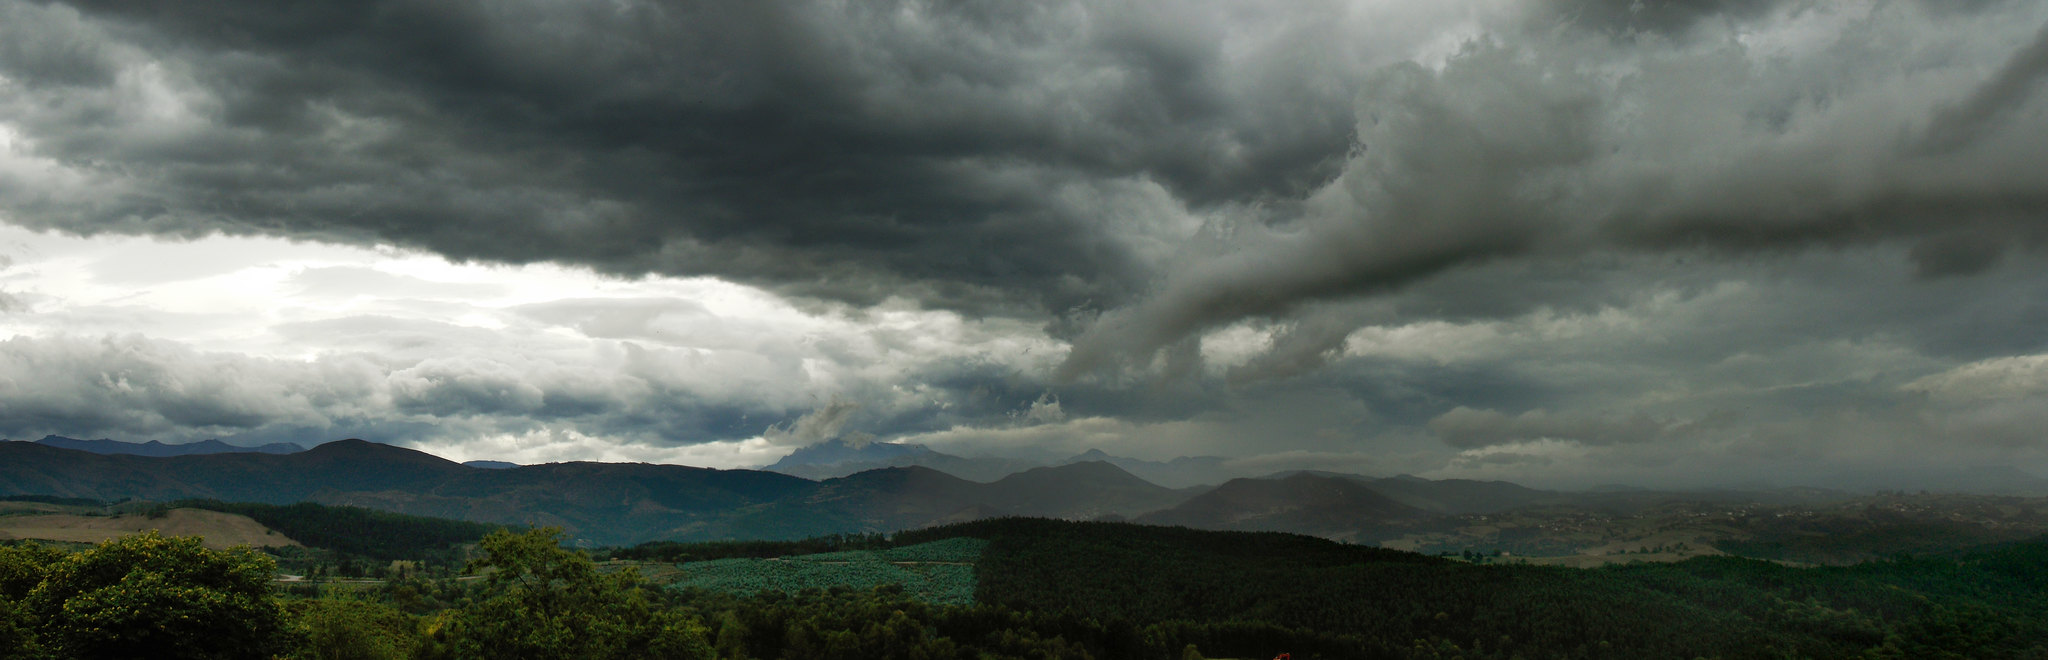 Turismo rural por el valle de Toranzo